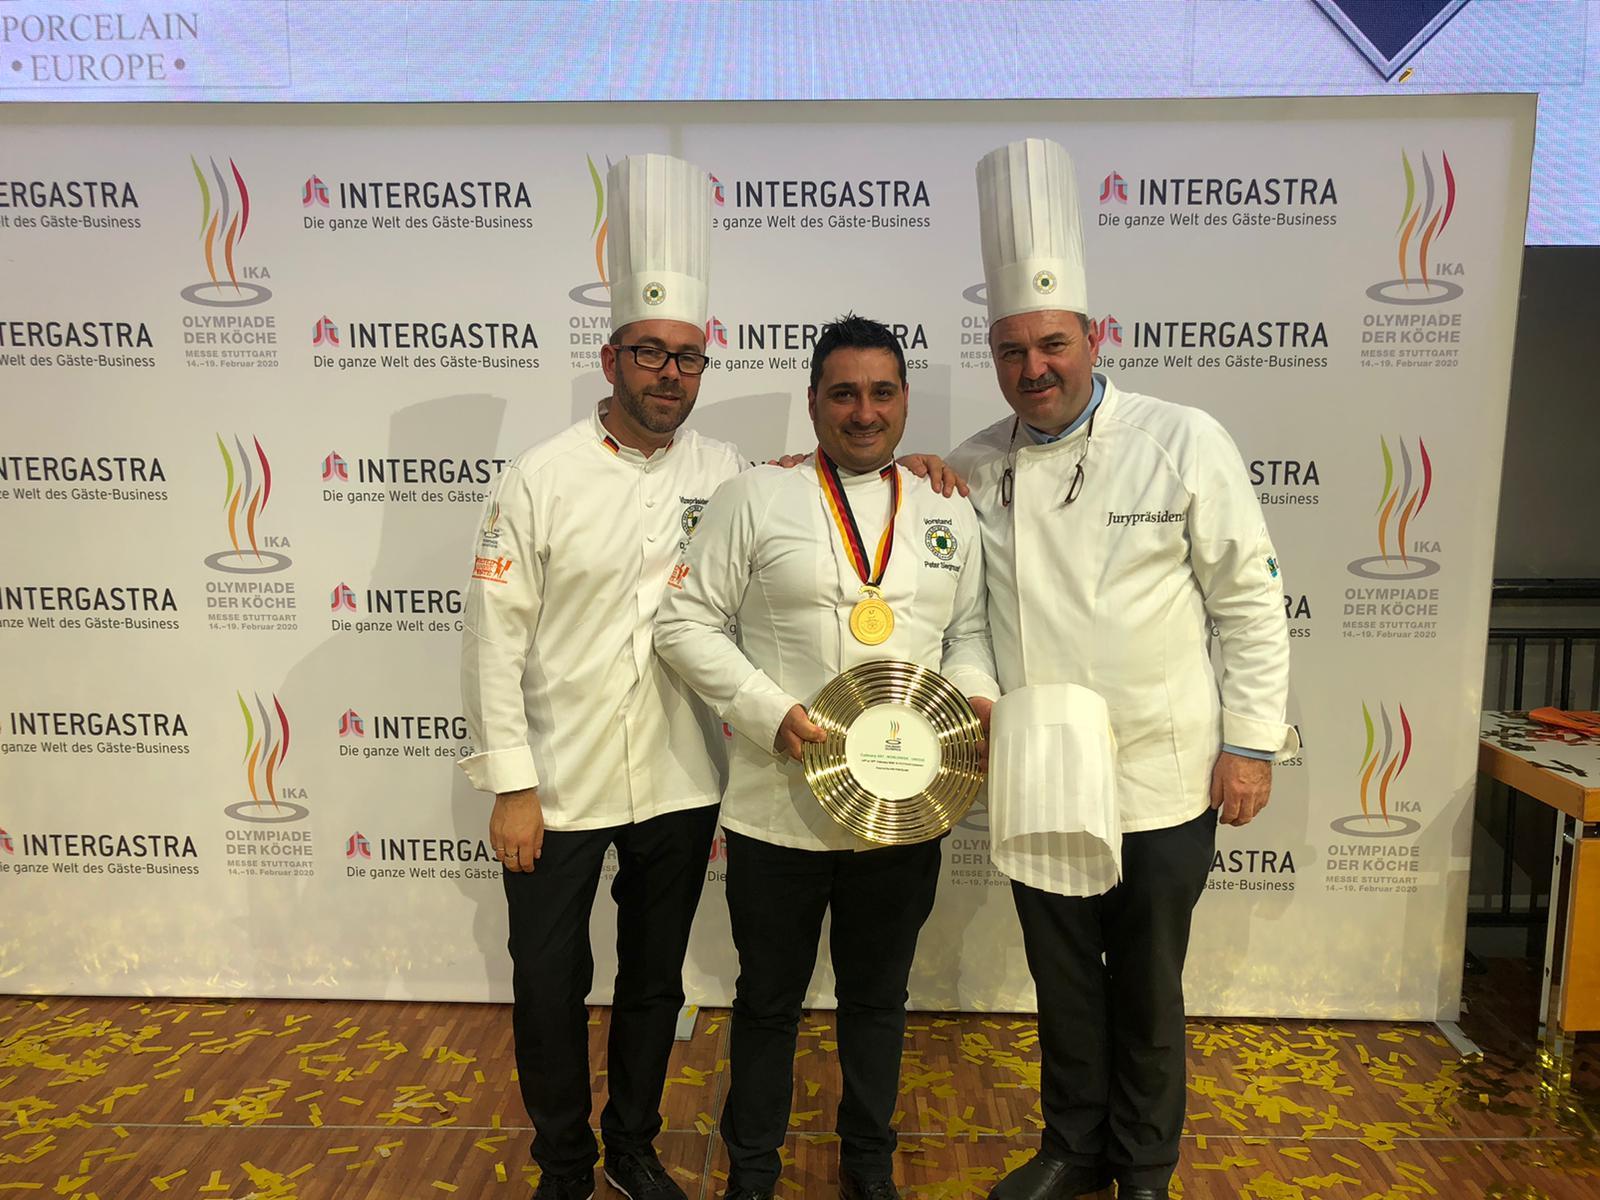 Luigi Nastro conquista l'oro alle olimpiadi culinarie a Stoccarda